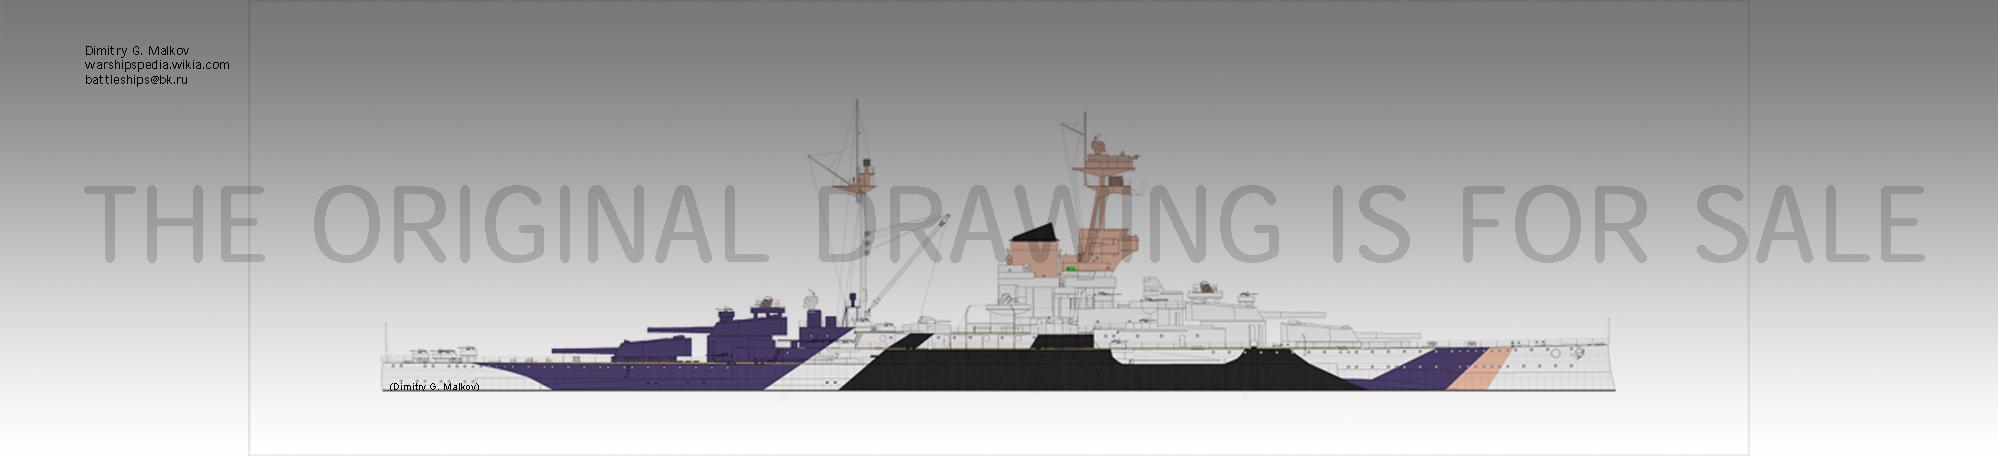 Mes dessins des navires francais - Page 6 B1-arh10